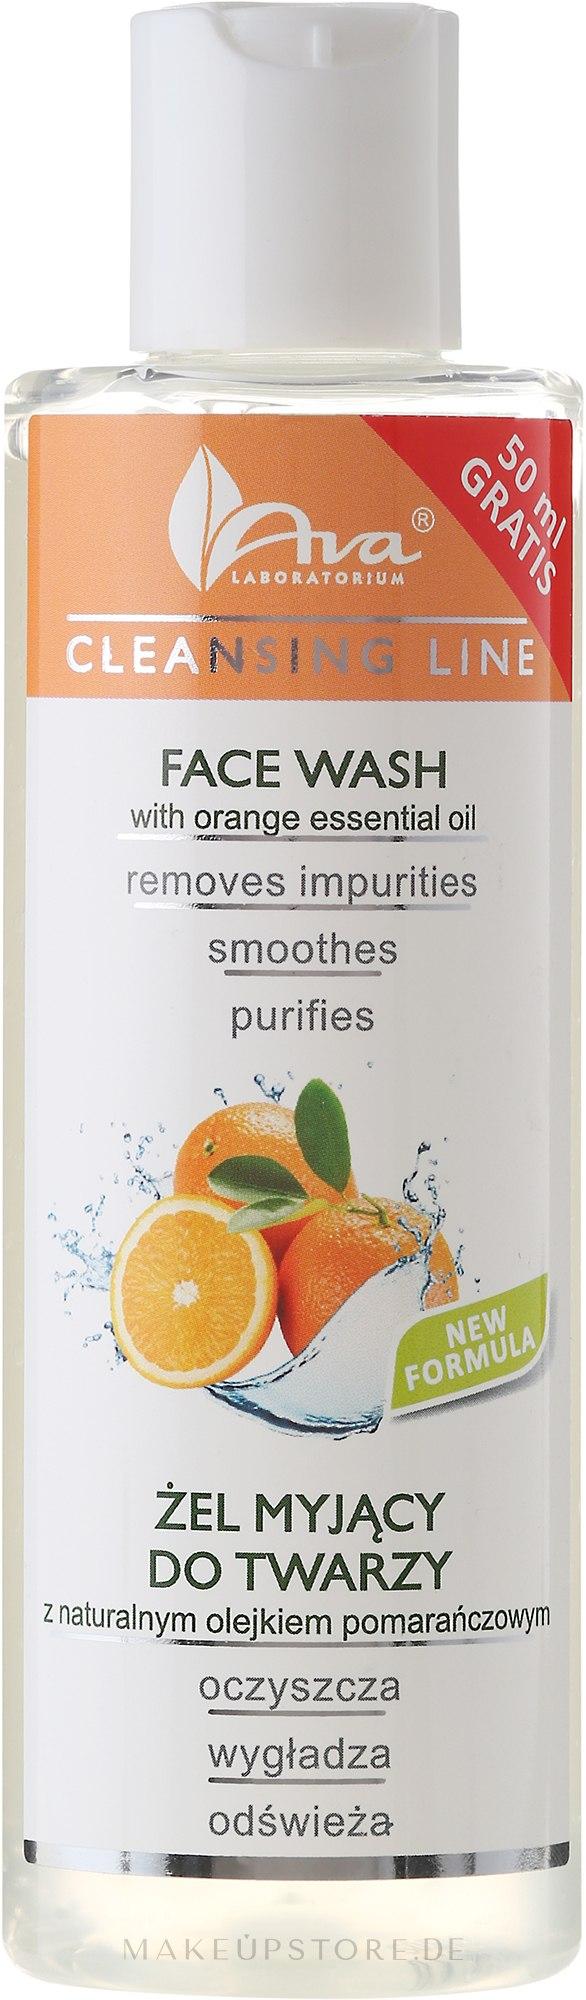 Gesichtsreinigungsgel mit ätherischem Orangenöl - Ava Laboratorium Cleansing Line Face Wash With Orange Essential Oil — Bild 200 ml